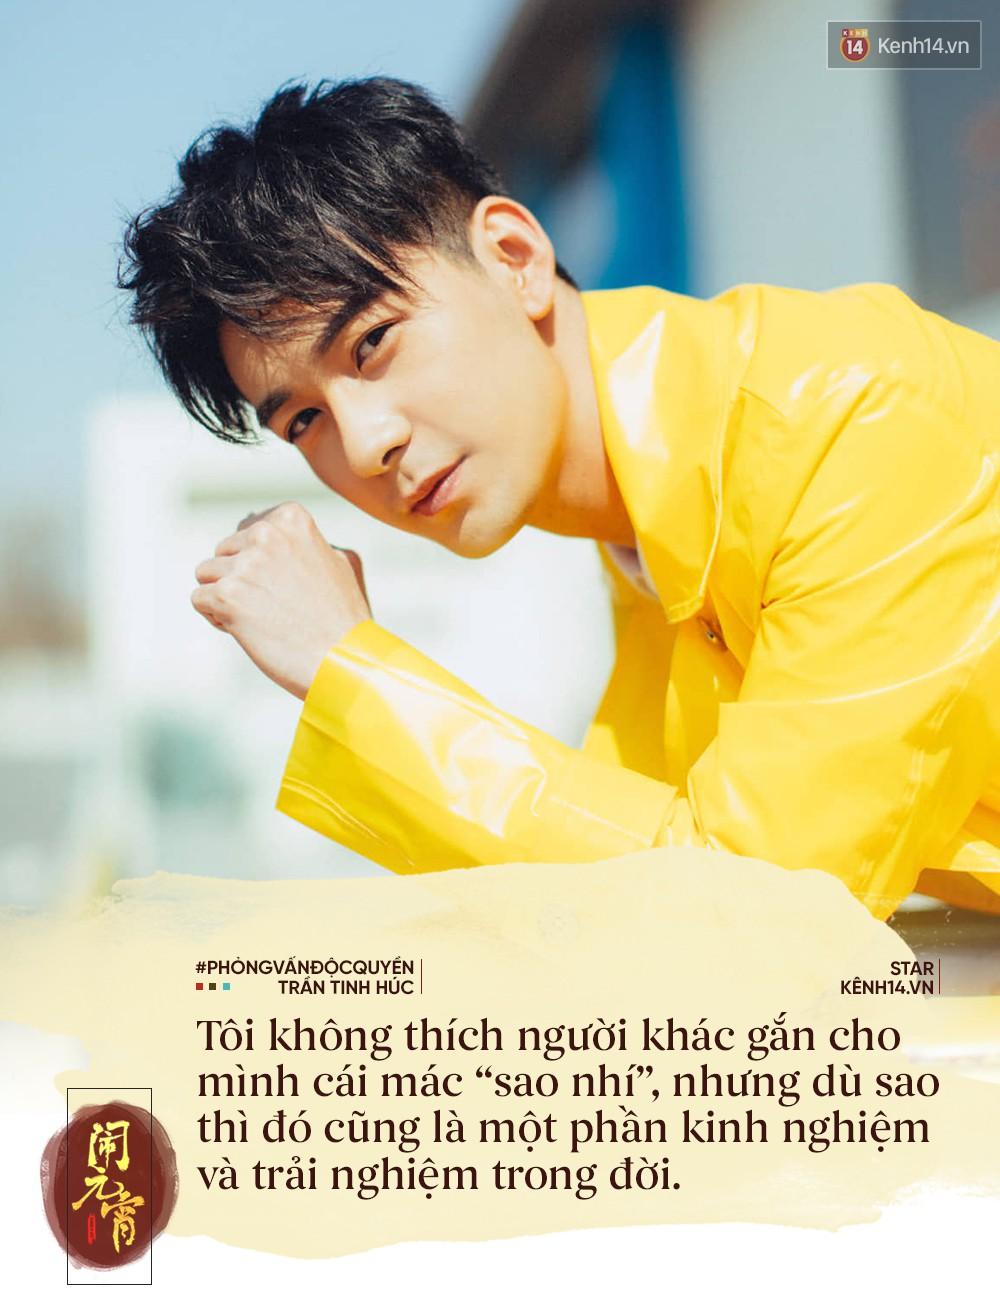 Phỏng vấn độc quyền nam chính Đông Cung: Hé lộ cảm xúc khi cặp với mỹ nhân hơn 6 tuổi, gửi lời đặc biệt tới fan Việt - Ảnh 6.